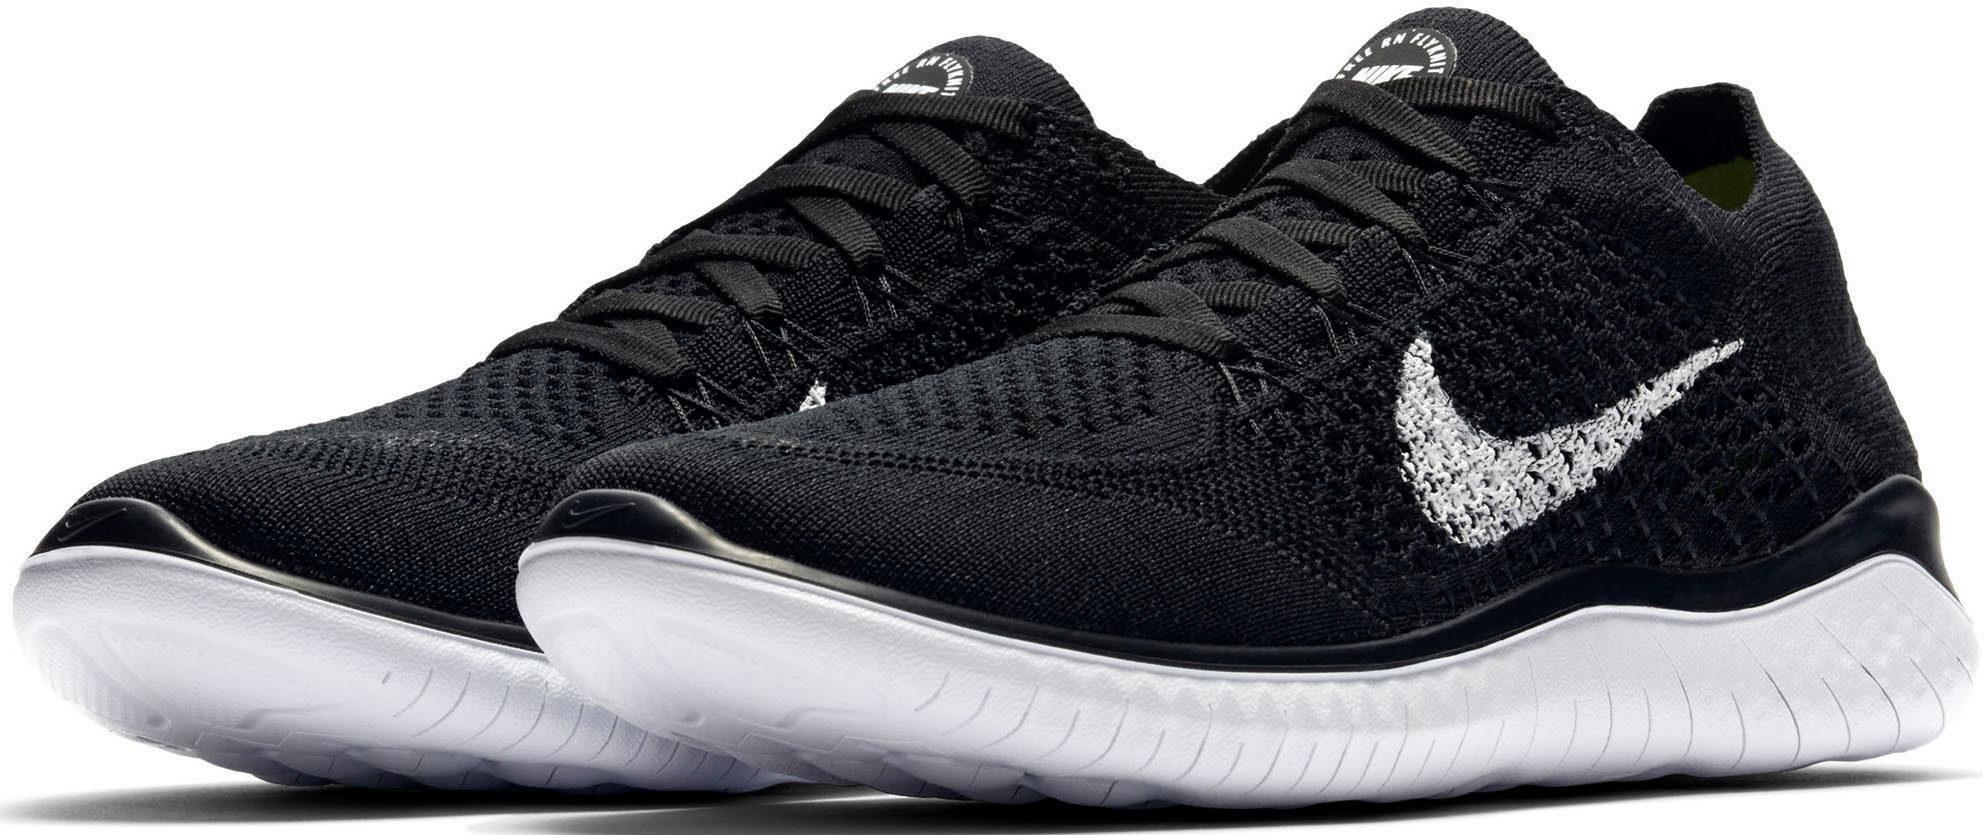 Nike Wmns Free Rn Flyknit Laufschuh kaufen  schwarz-weiß